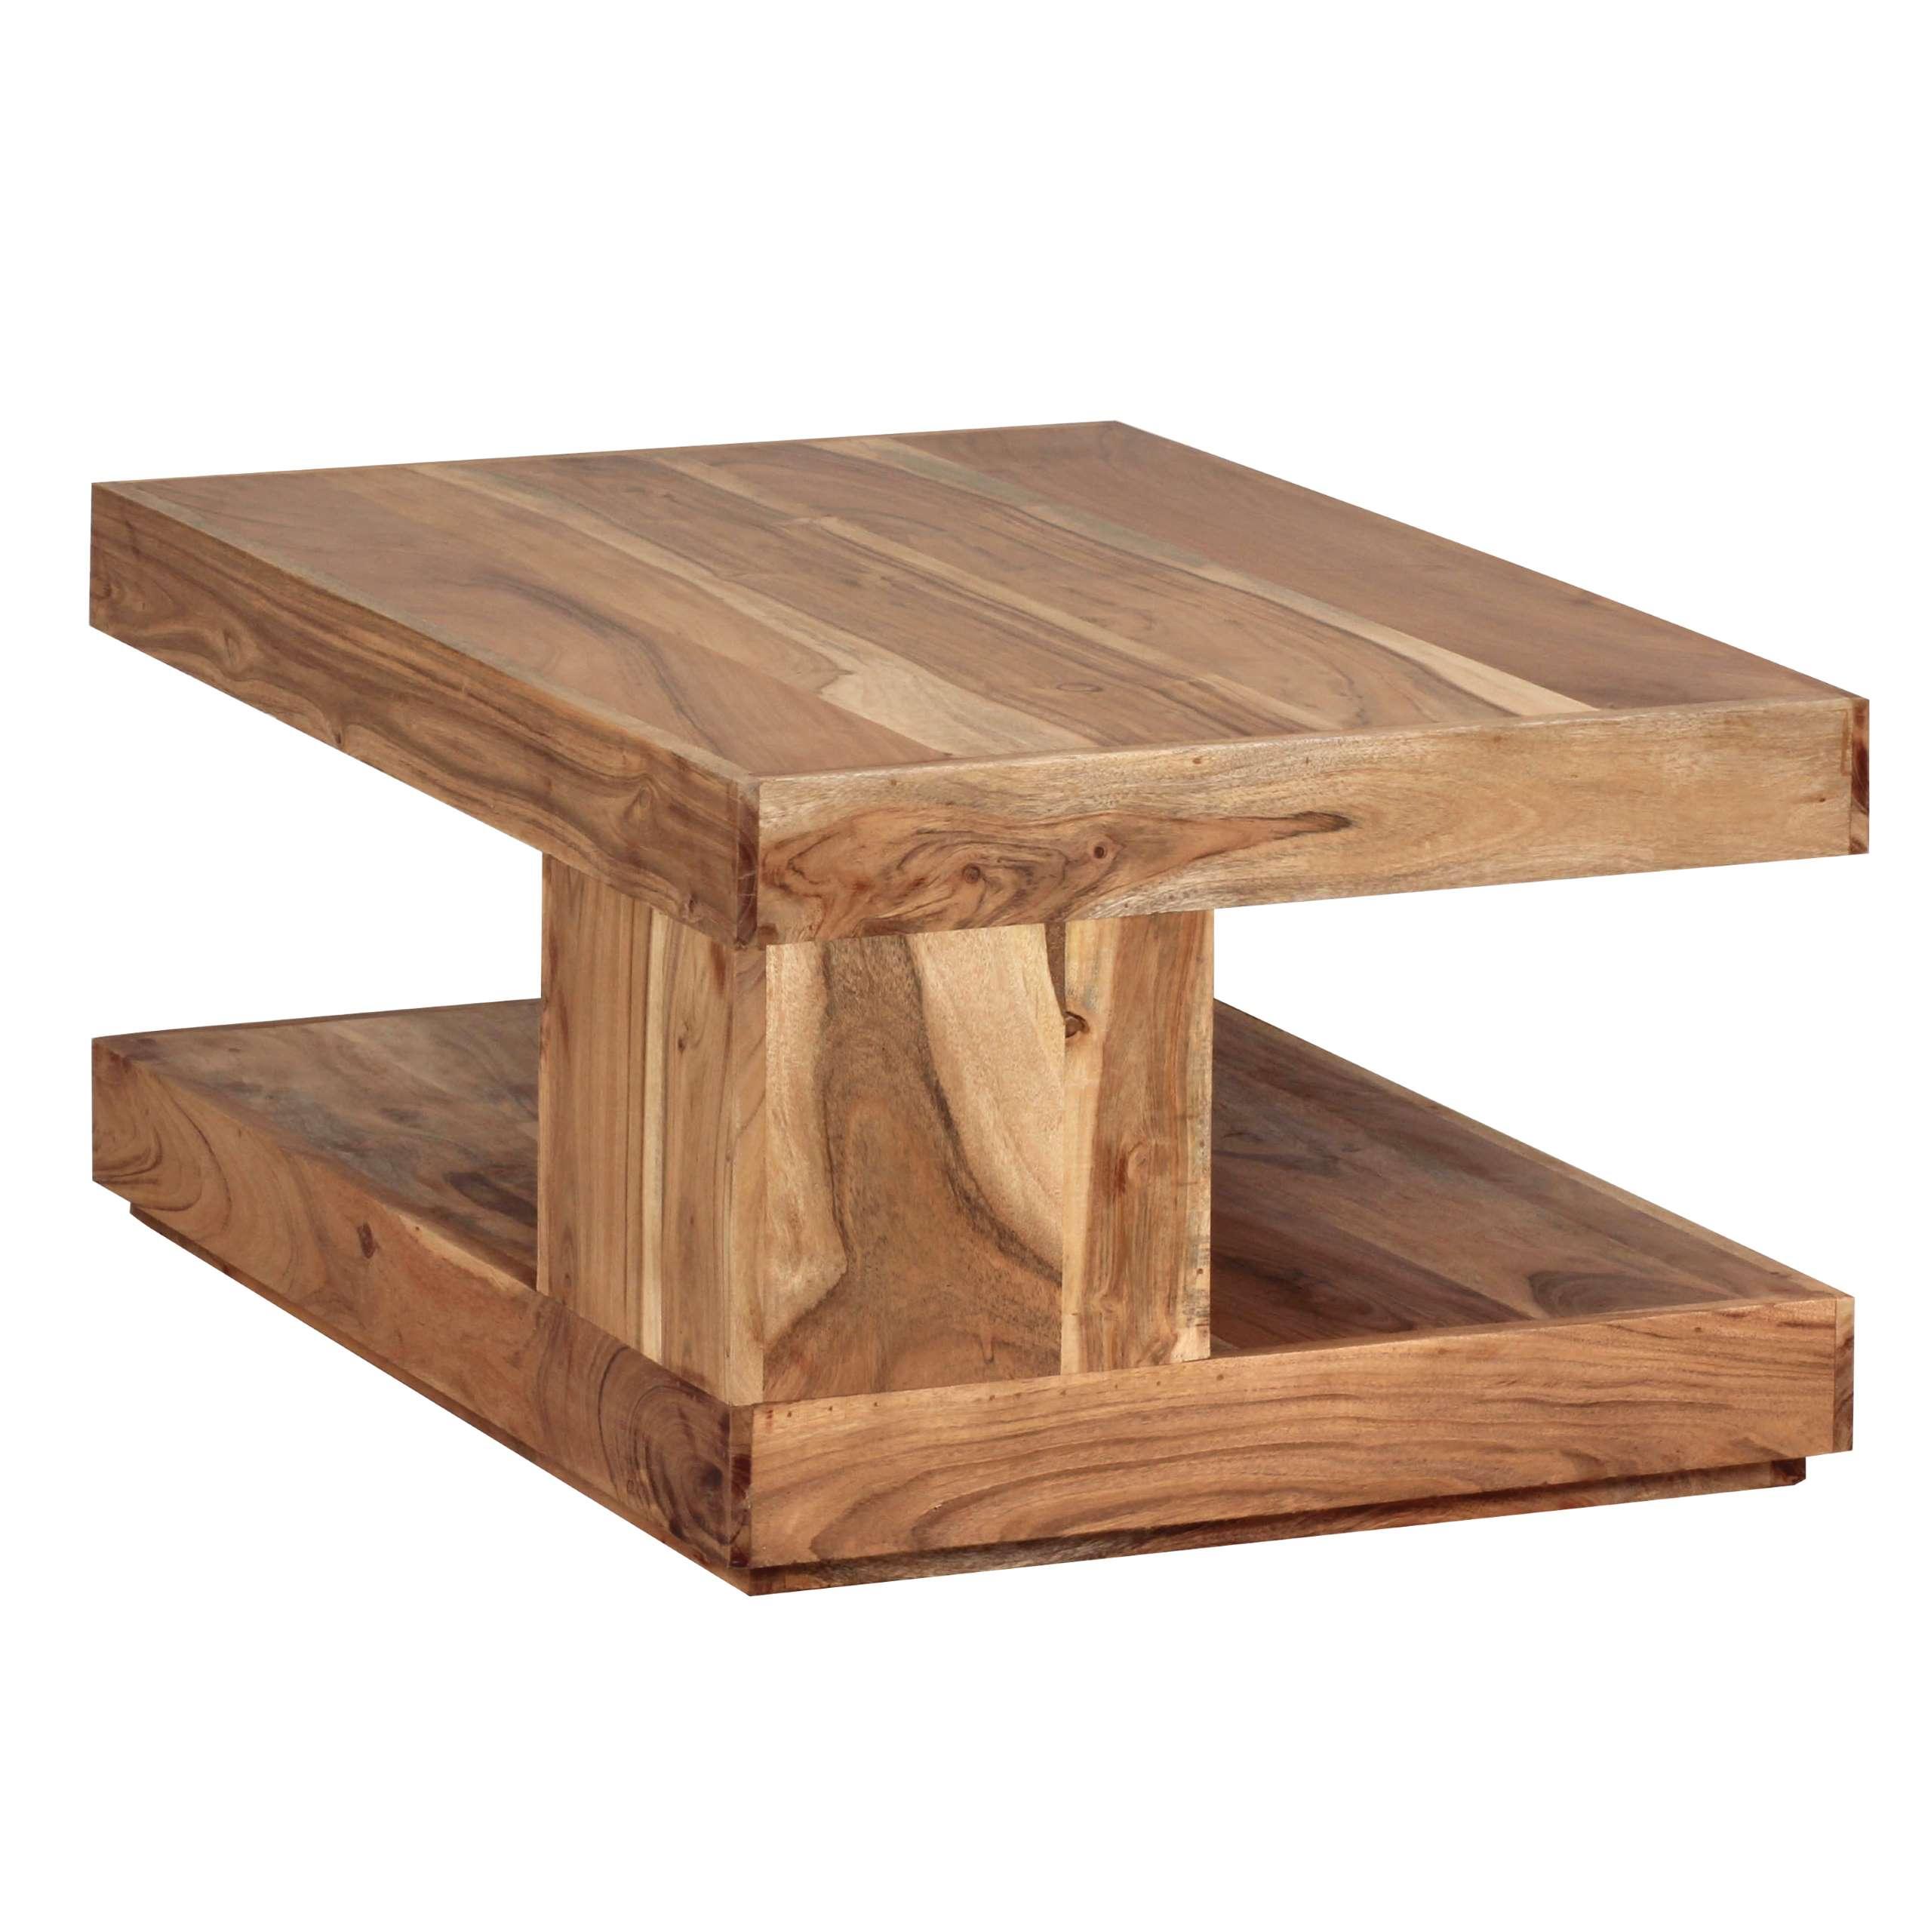 couchtisch konya wohnzimmertisch akazie massivholz 90x60x40cm. Black Bedroom Furniture Sets. Home Design Ideas